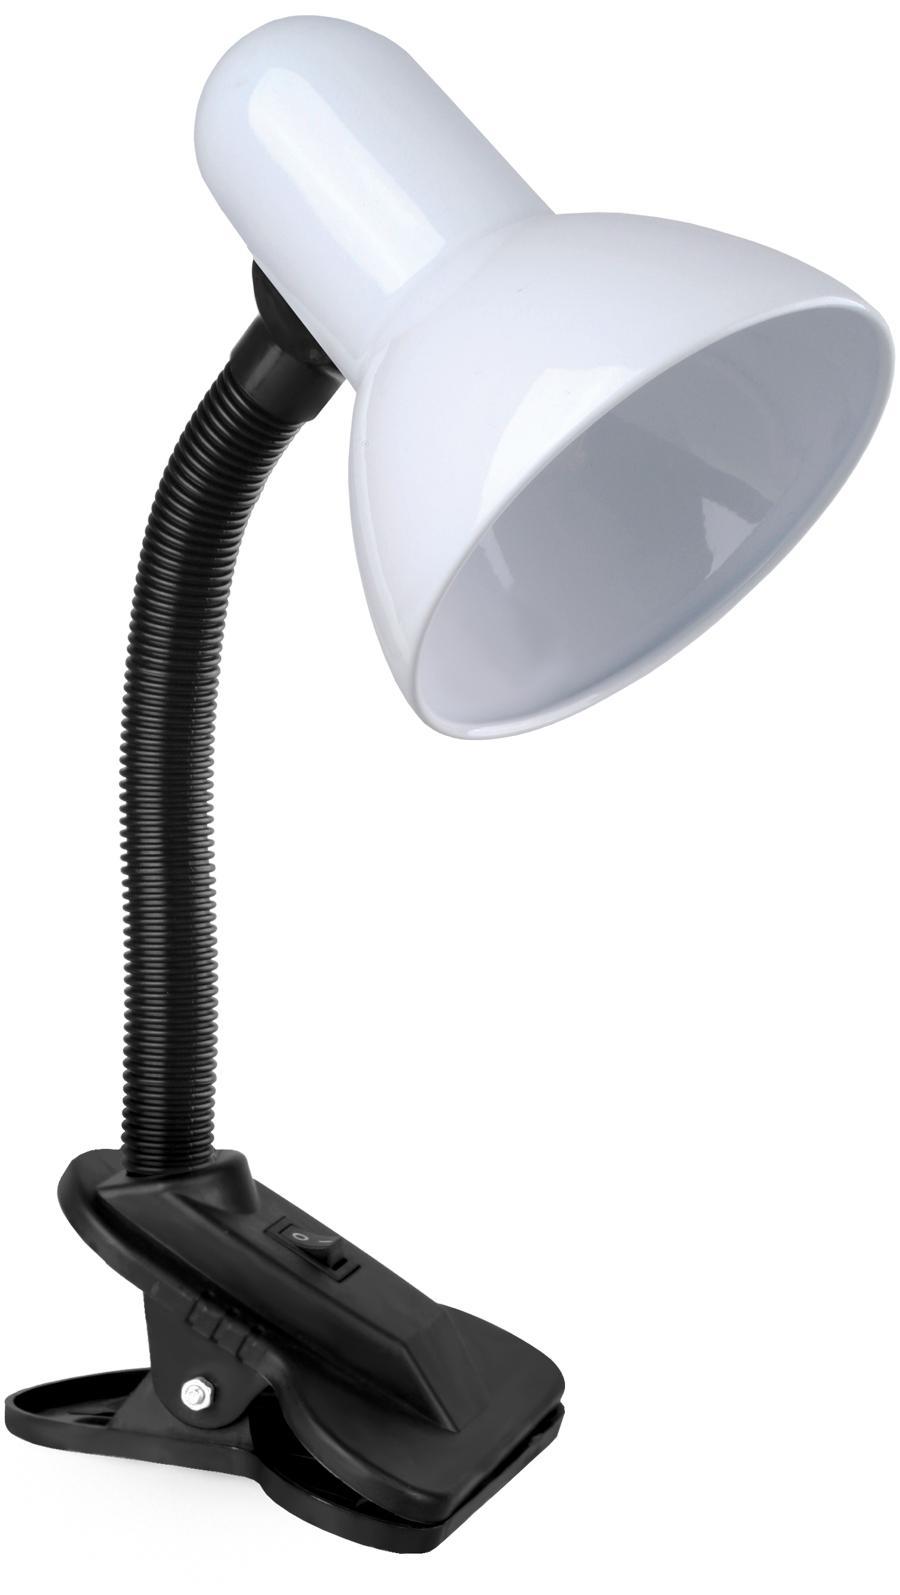 Лампа настольная Camelion Kd-320 c01 настольная лампа camelion kd 790 c01 white